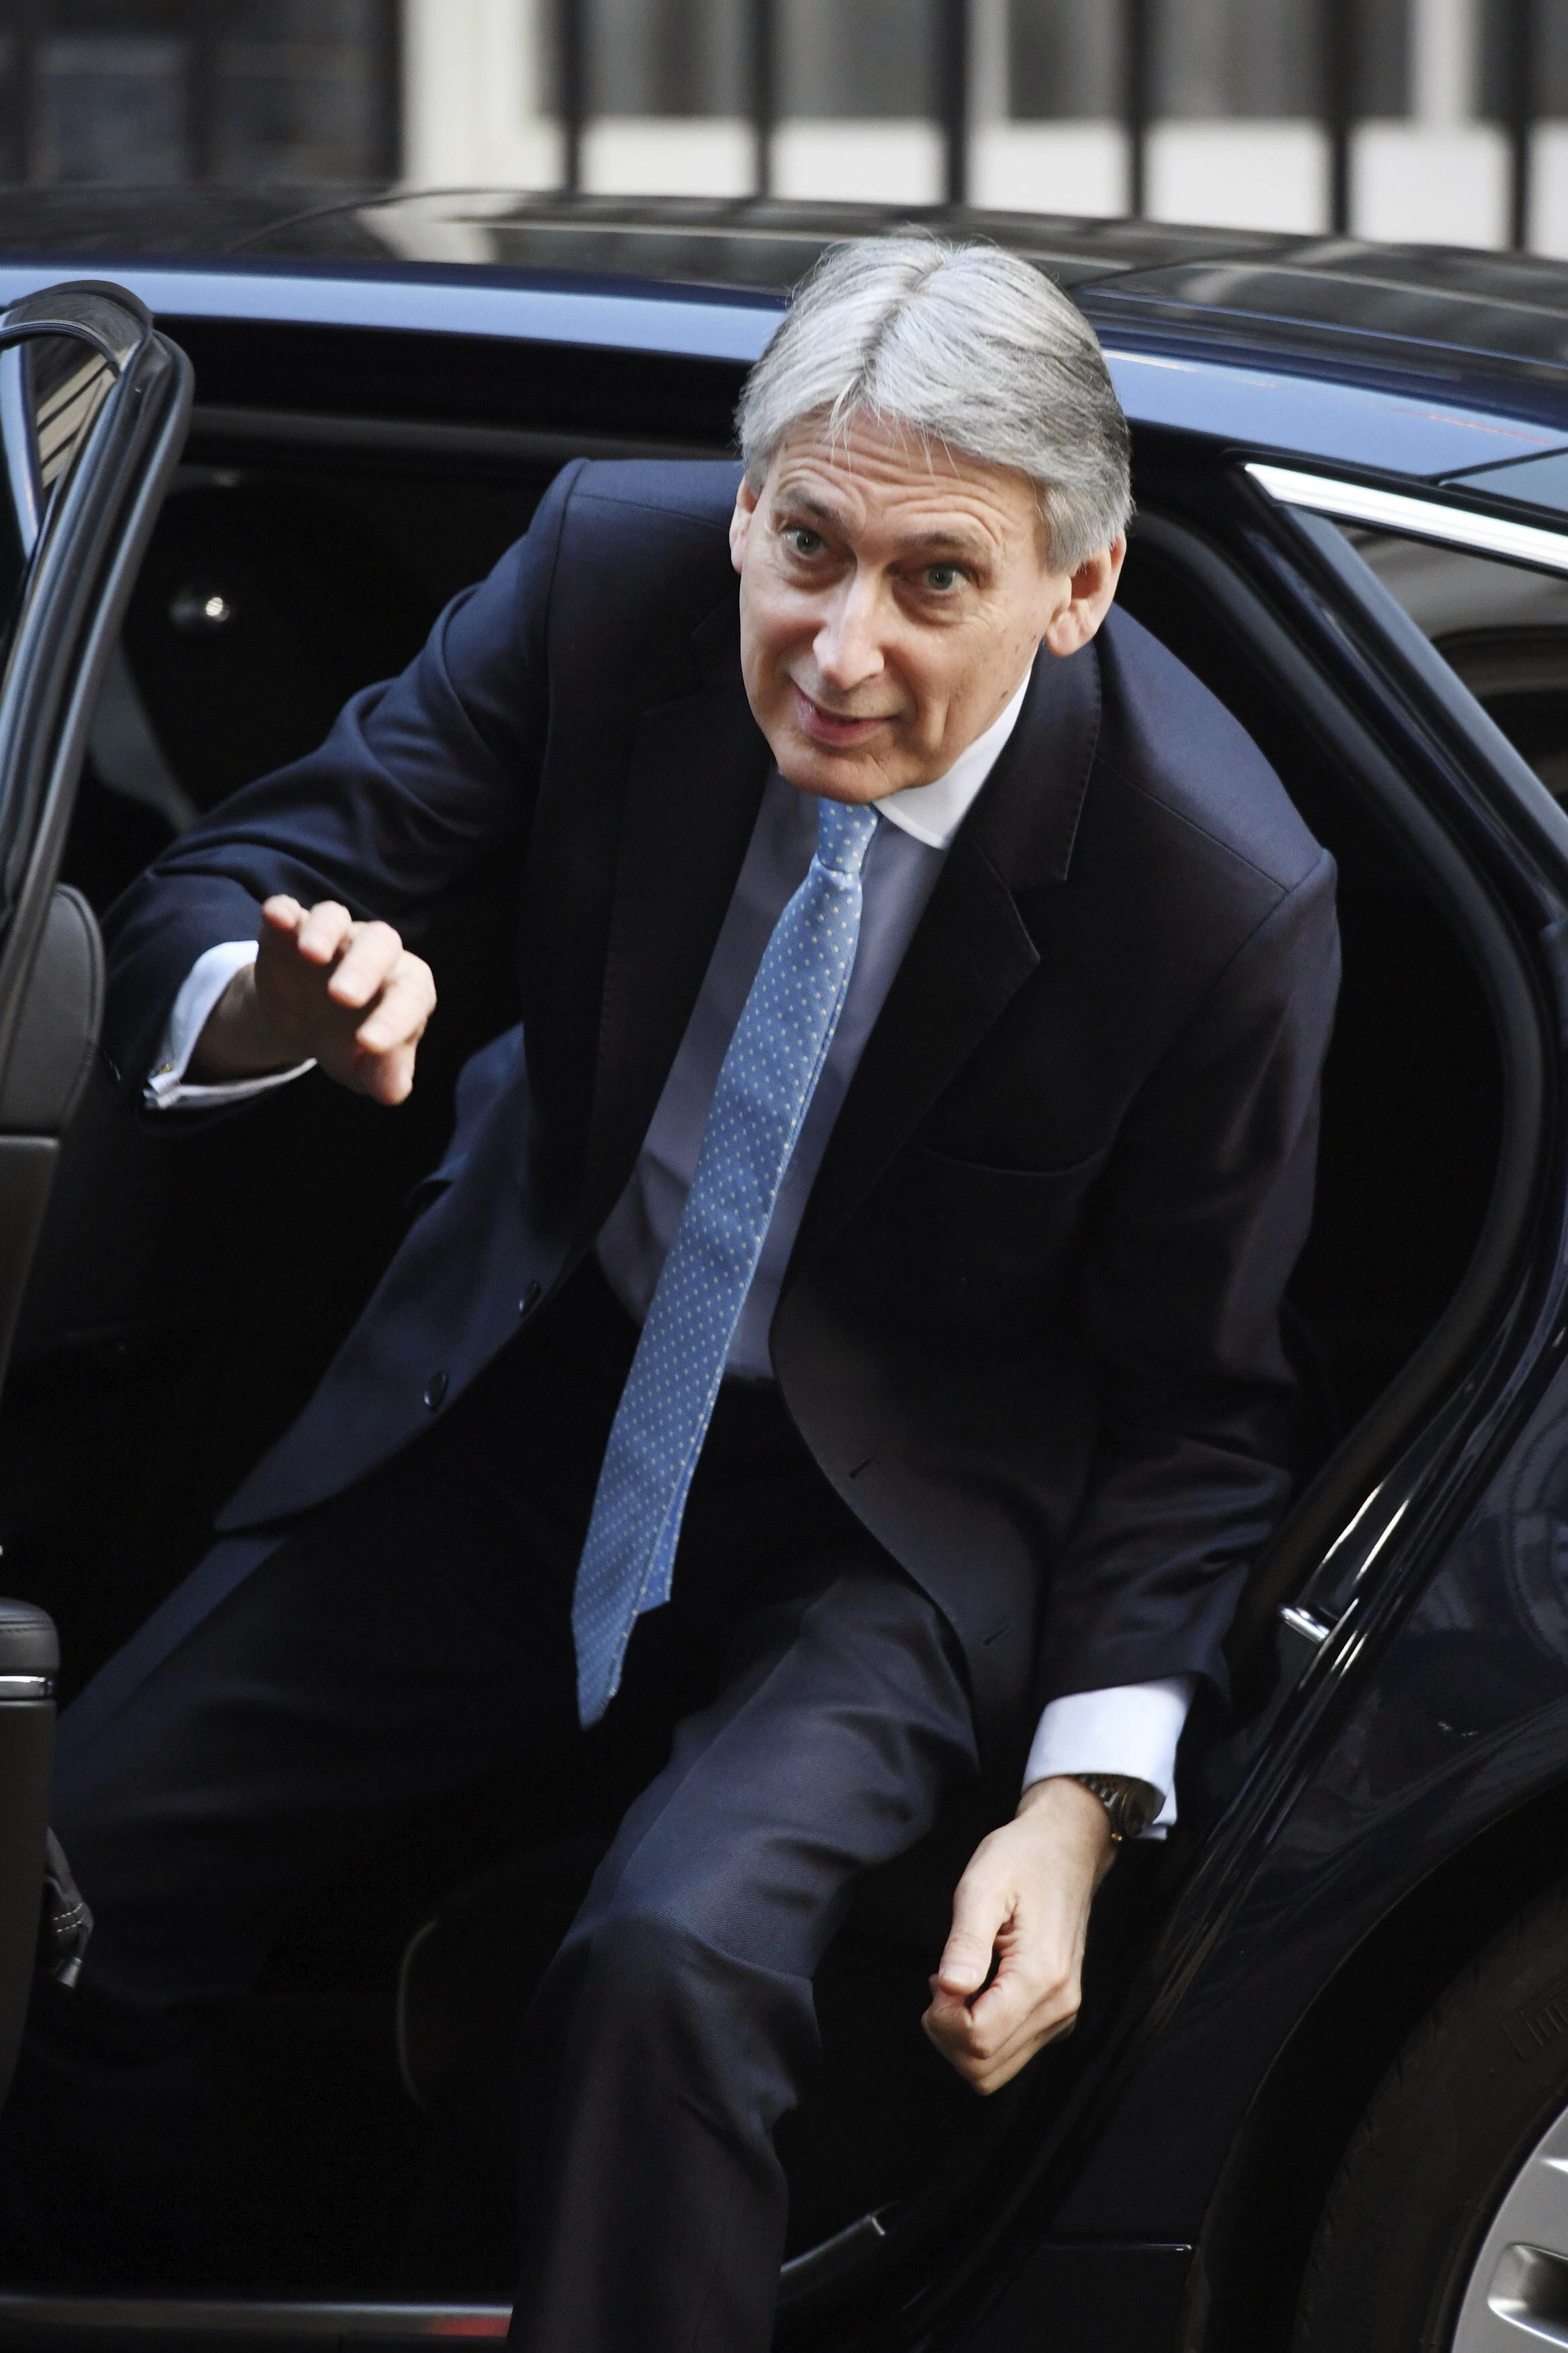 Χάμοντ: Το Brexit άνευ συμφωνίας θα προκαλούσε «αμοιβαία